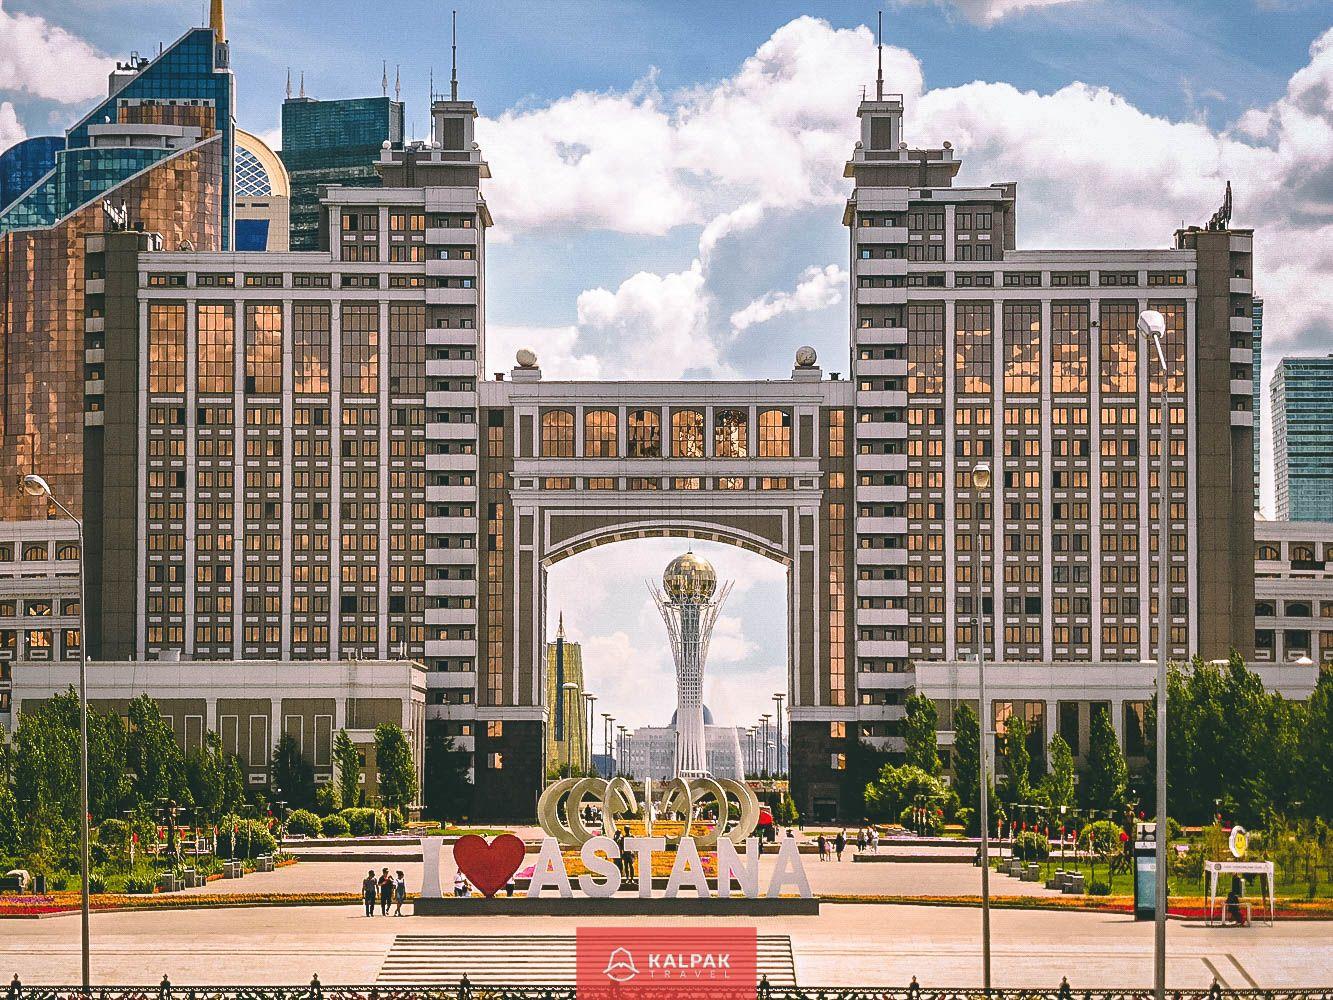 Astana, Central Asian Capital city